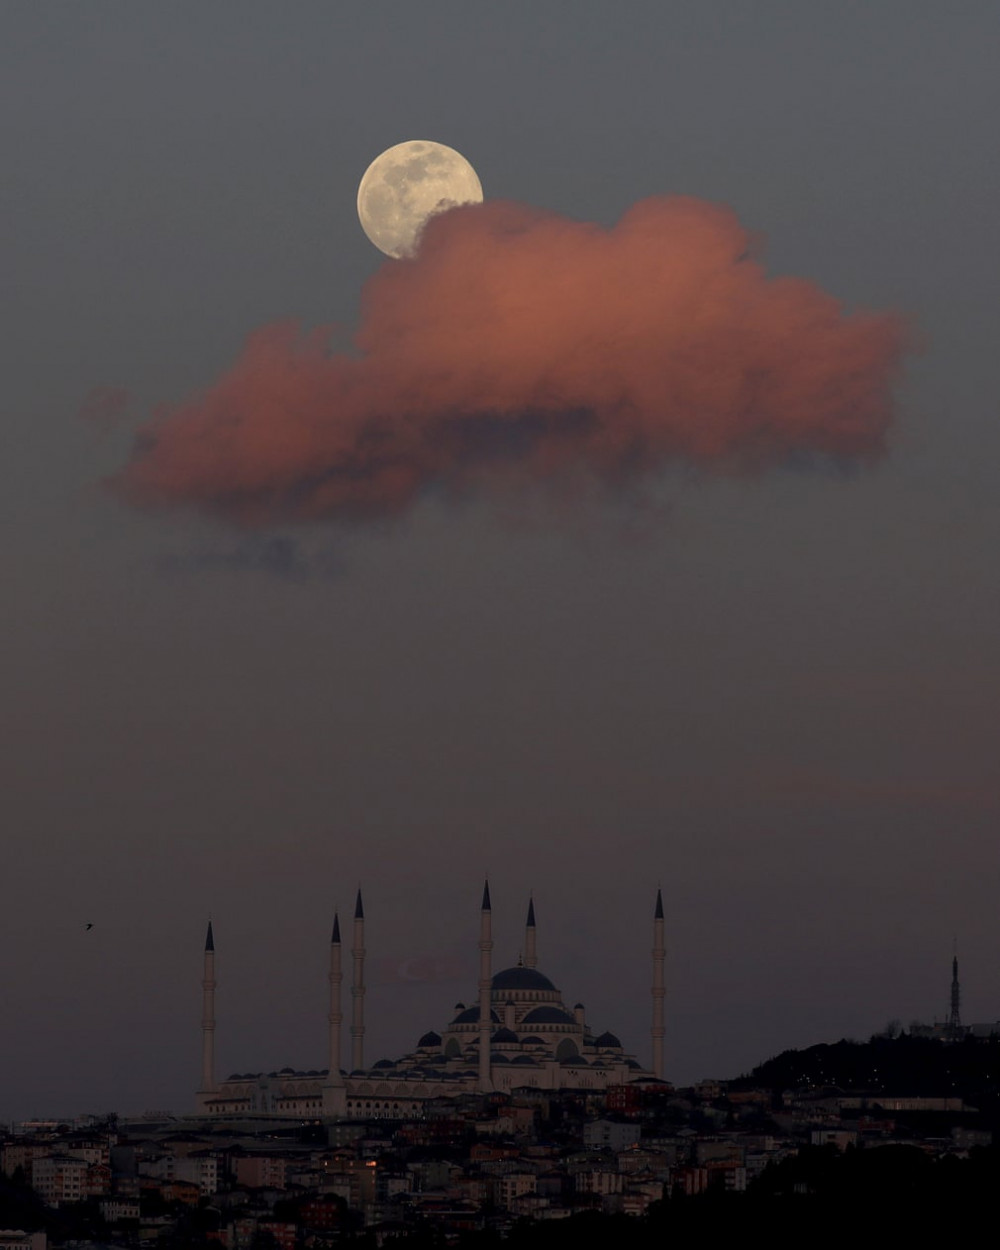 Khung trời lãng mạn khi trăng lên tại Istanbul, Thổ Nhĩ Kỳ.